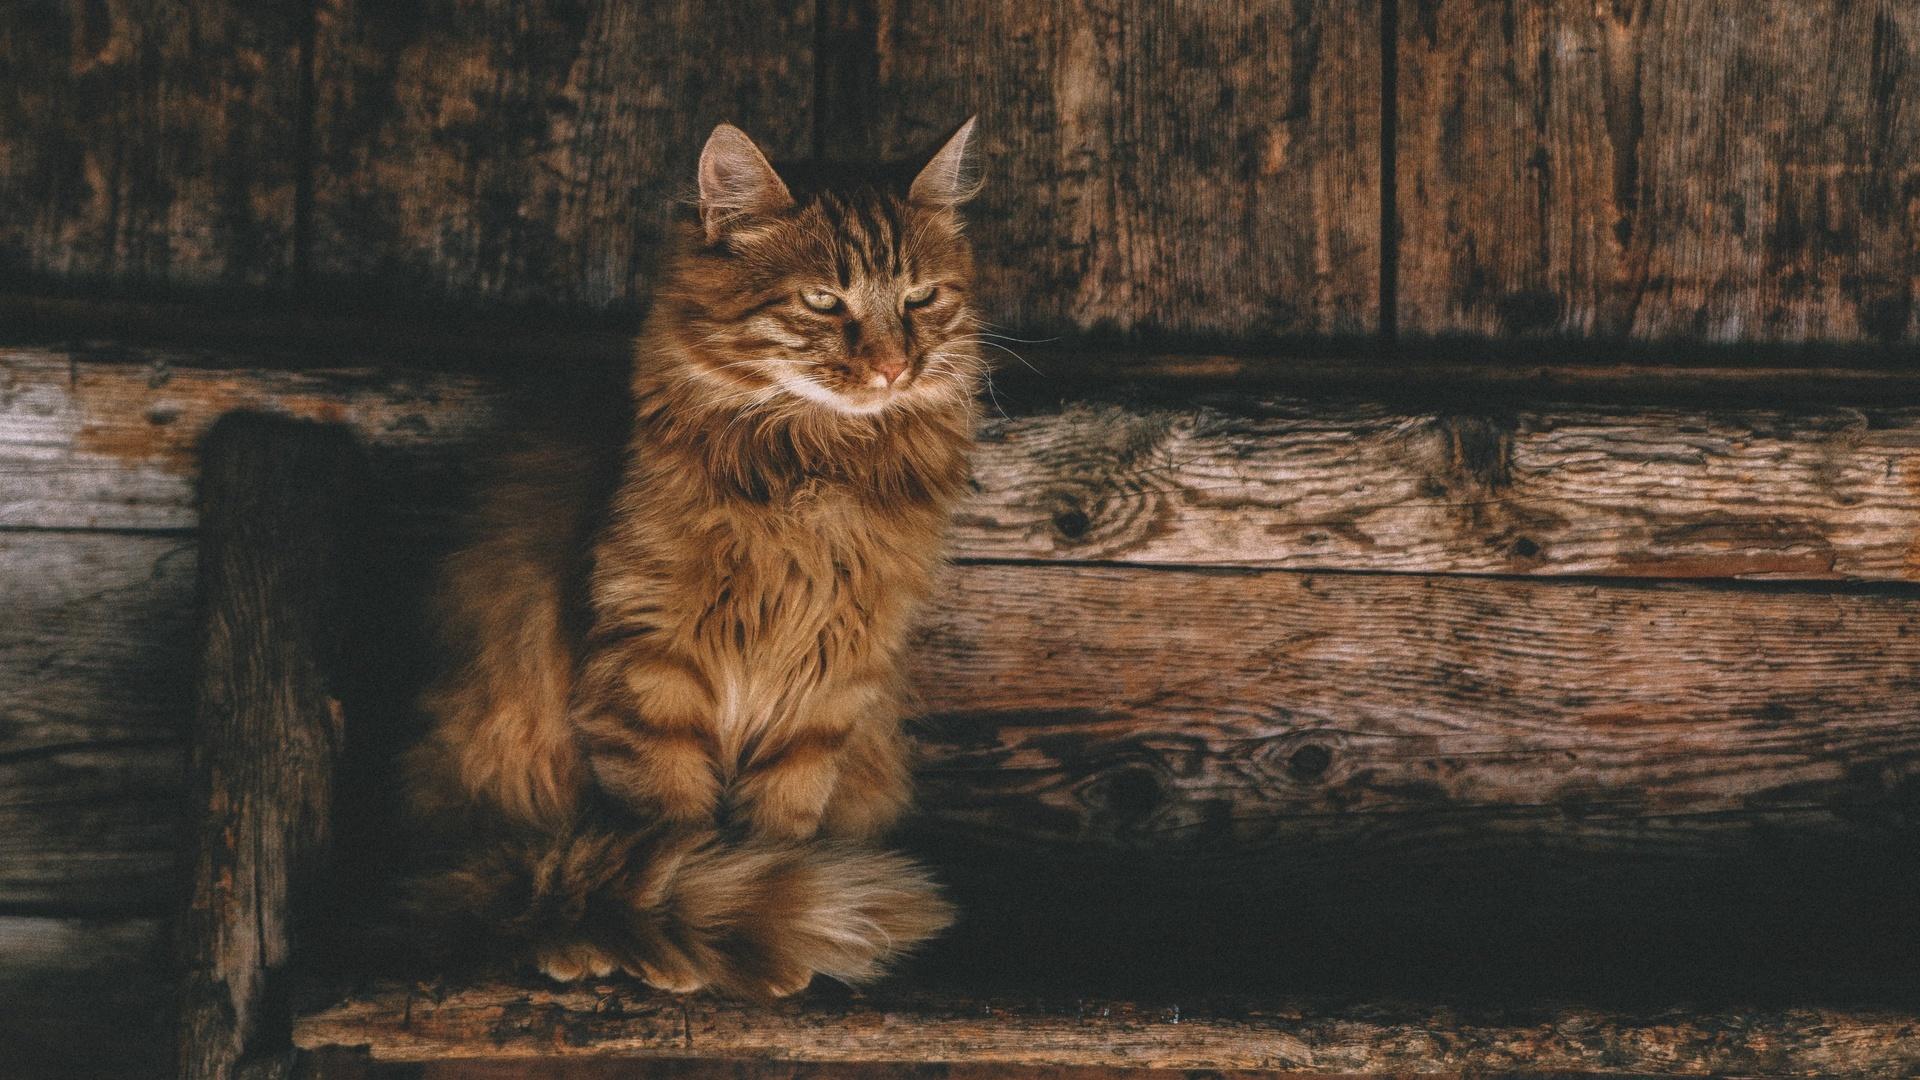 Cat cool wallpaper